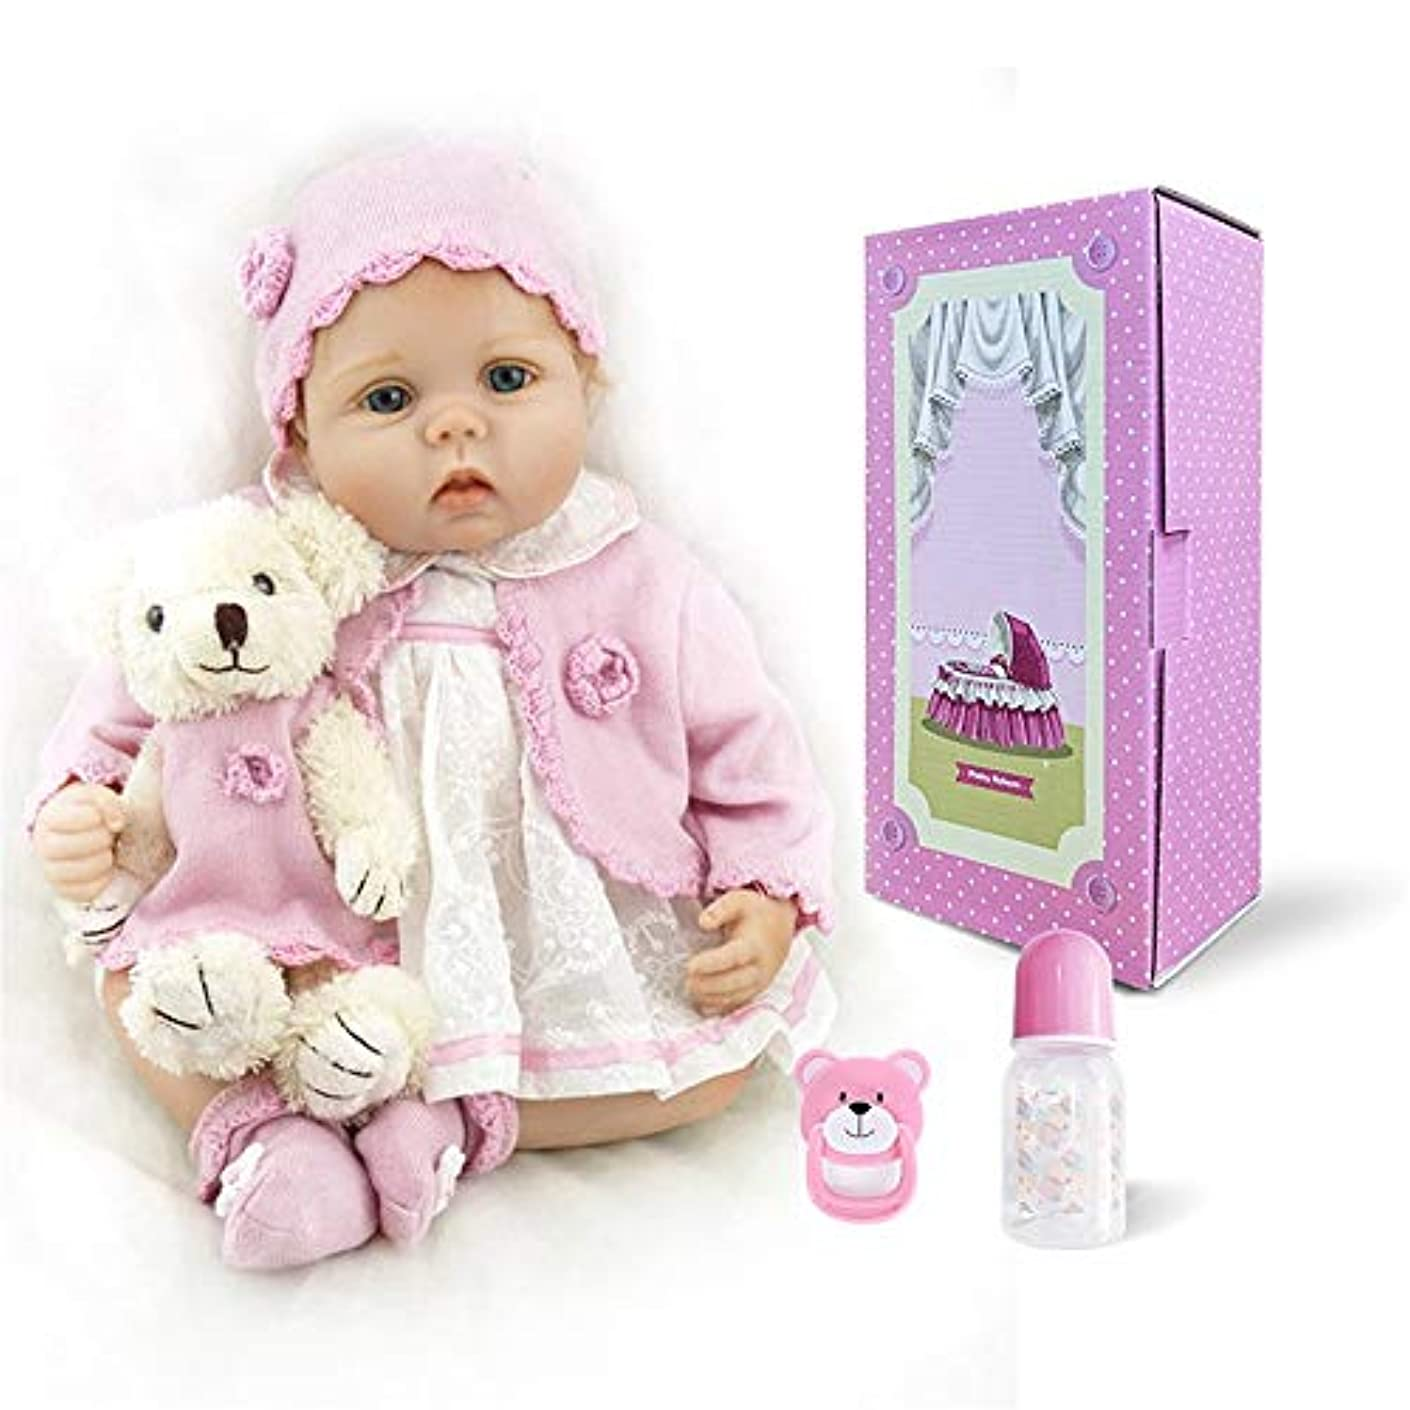 秘密の役に立たない役に立つ新生児ベビードールソフトシリコーンビニールのリアルな人形ベストギフト (Color : Photo Color, Size : 55cm)